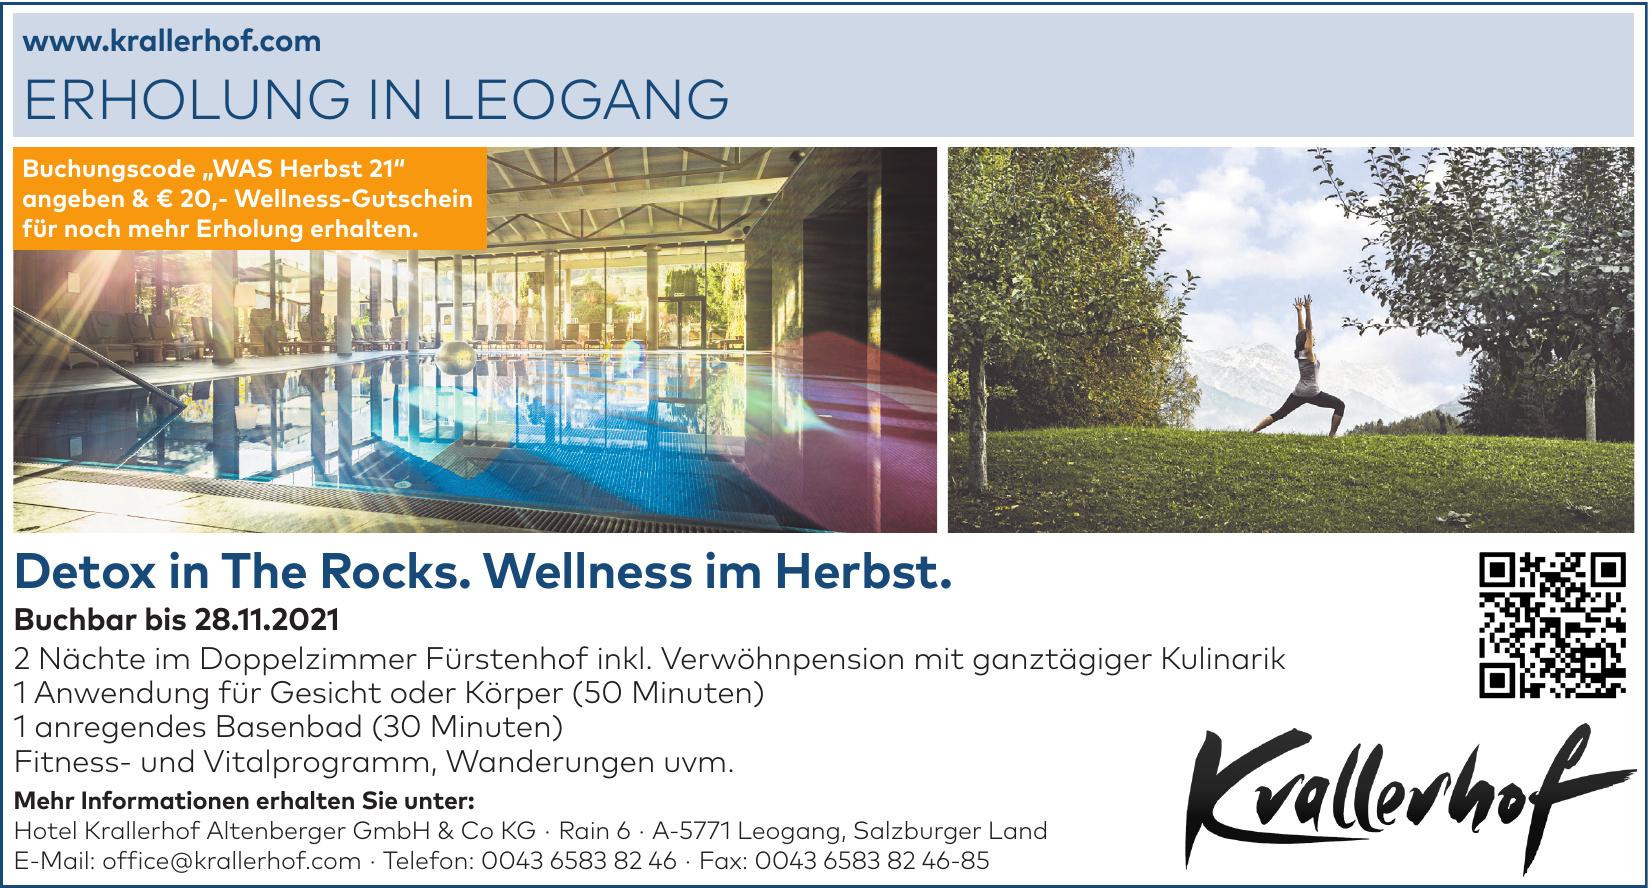 Hotel Krallerhof Altenberger GmbH & Co KG